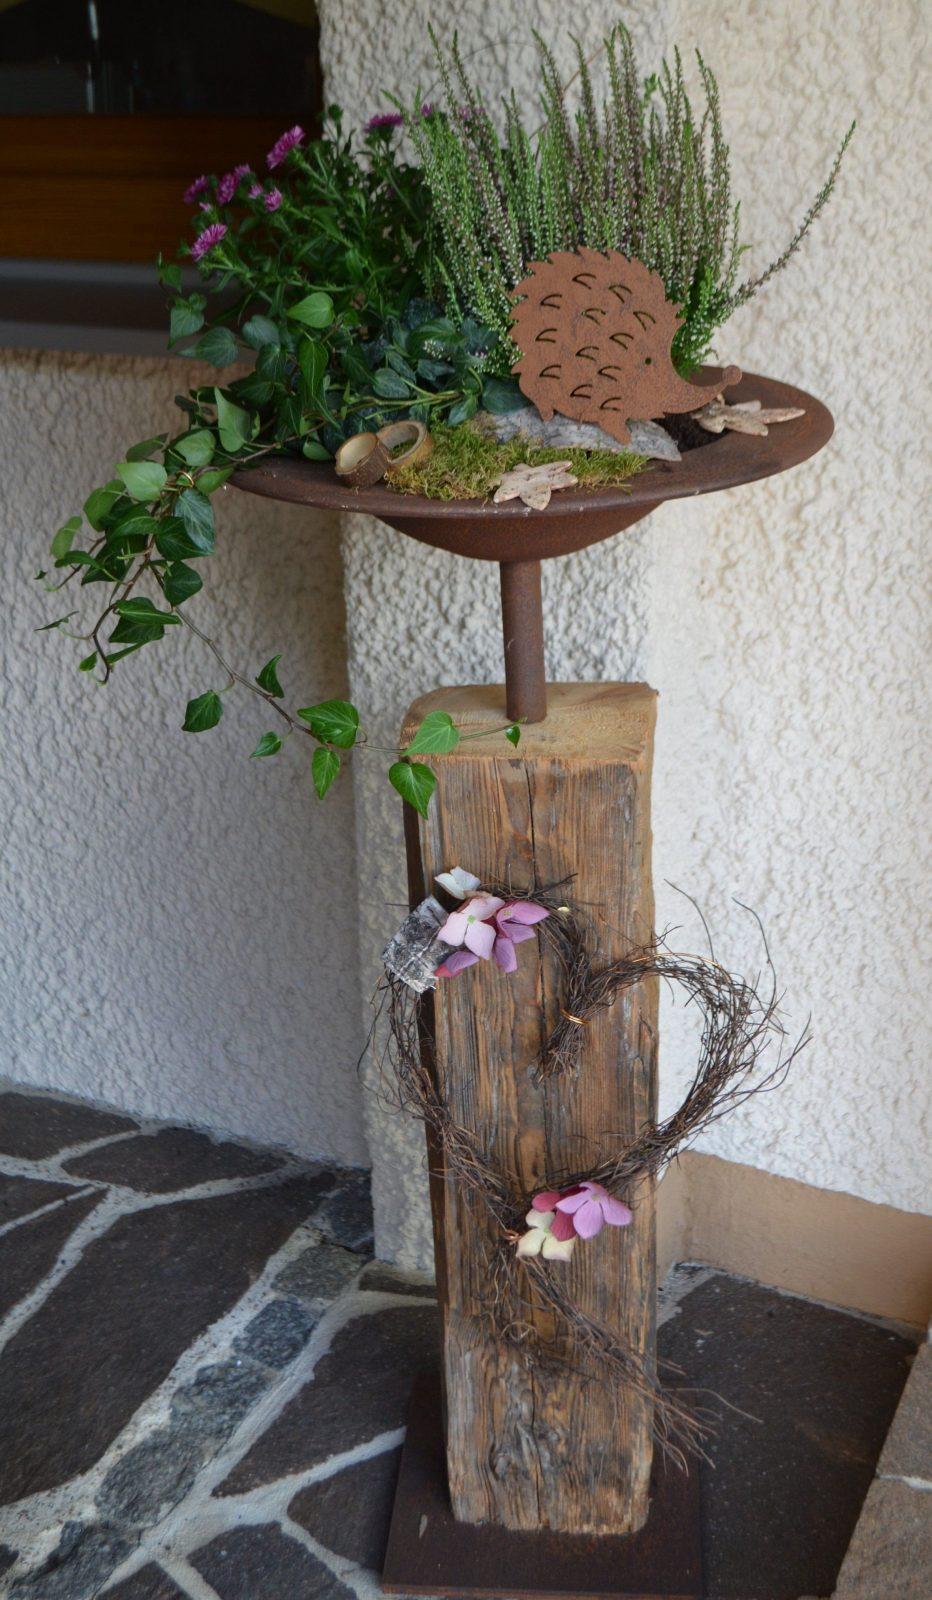 Altholz Alter Holzbalken Mit Edelrost Schale Herbstlich Dekoriert von Basteln Mit Alten Holzbalken Bild